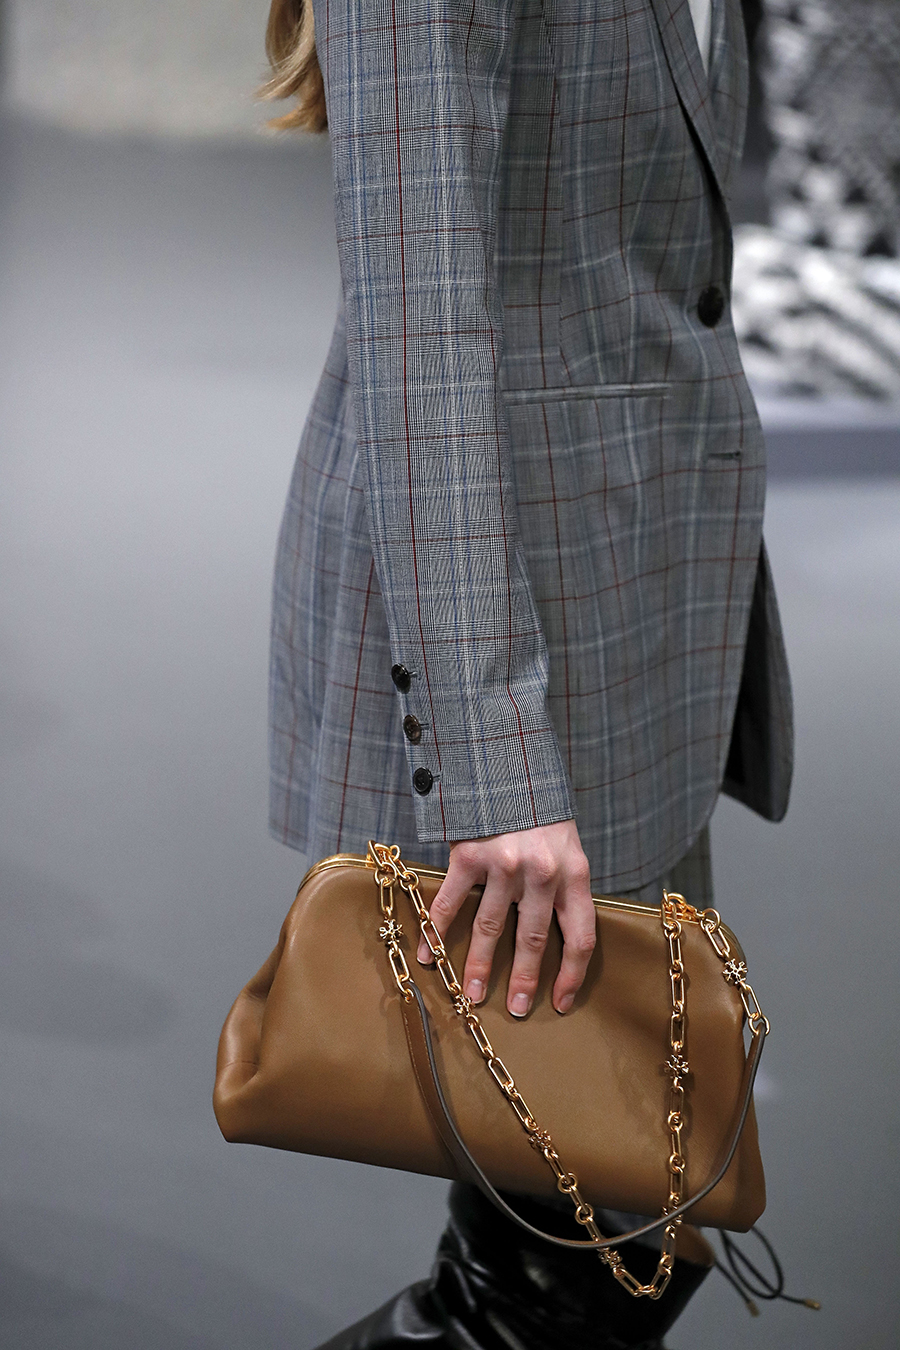 модная сумка ридикюль винтажный стиль осень зима 2020 2021 коричневая с цепочкой